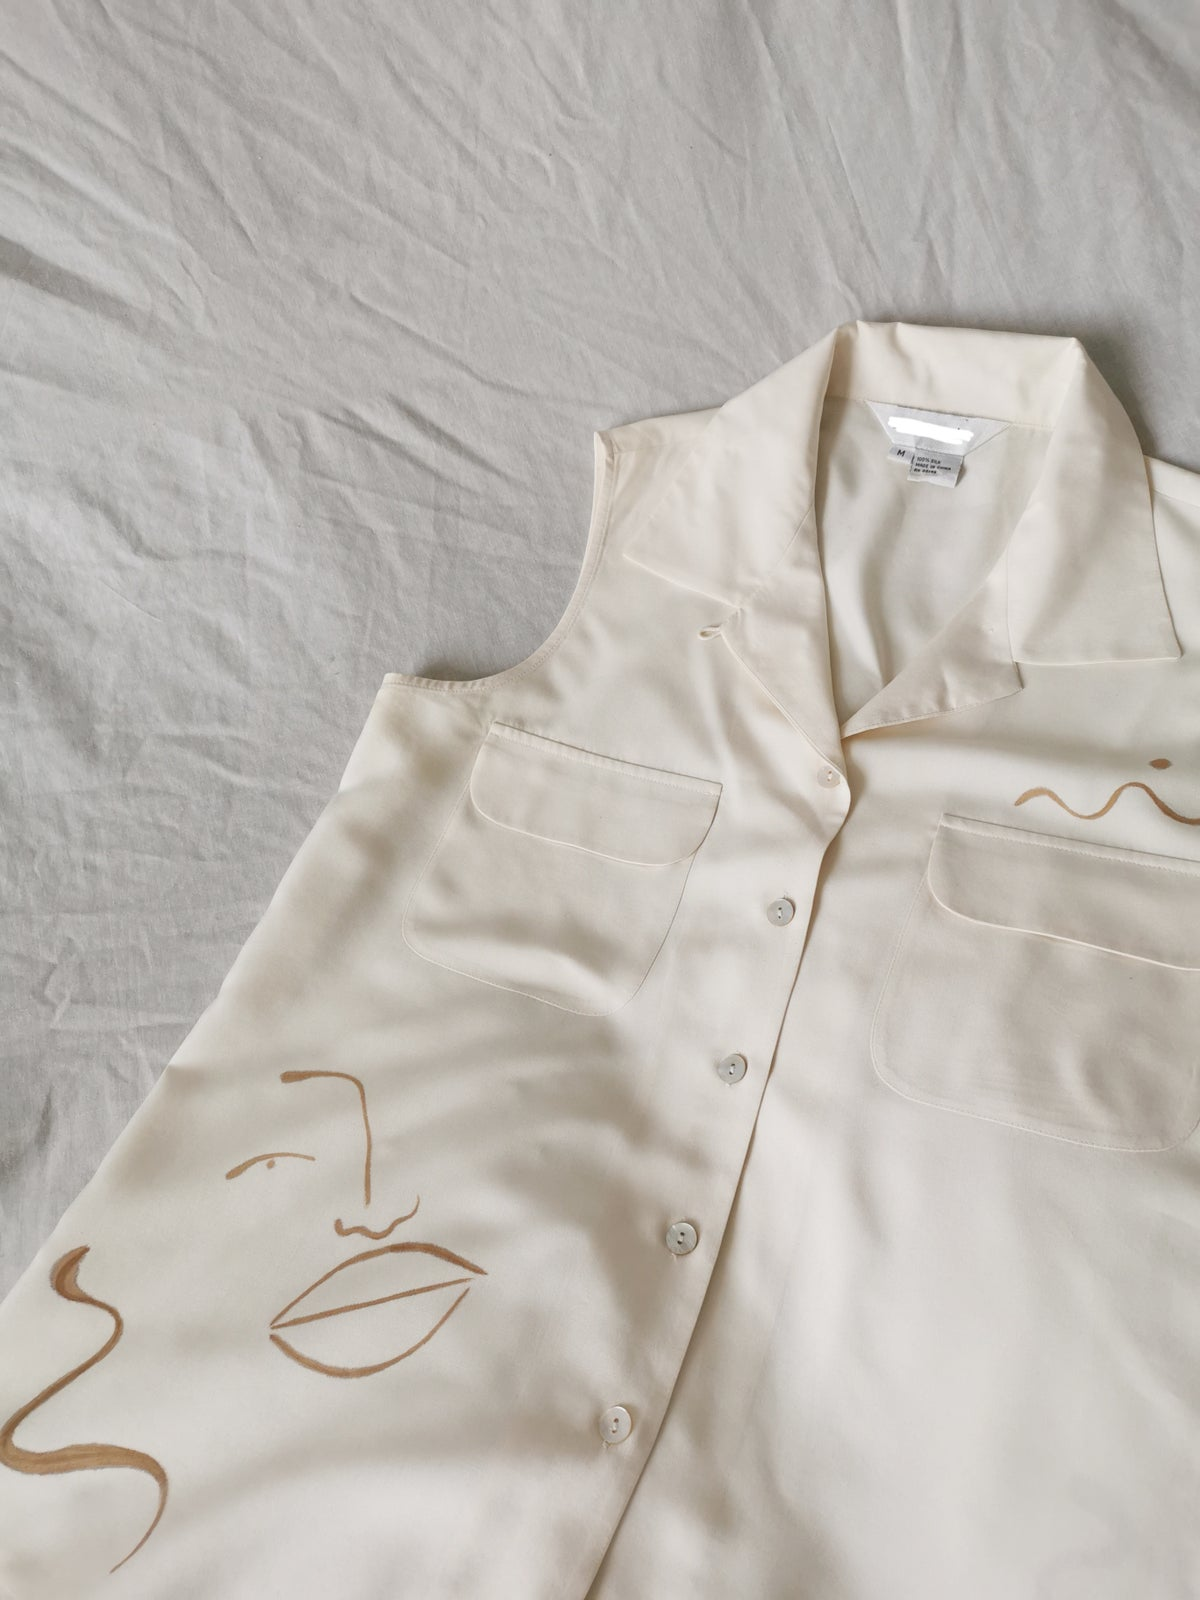 Image of saf blouse